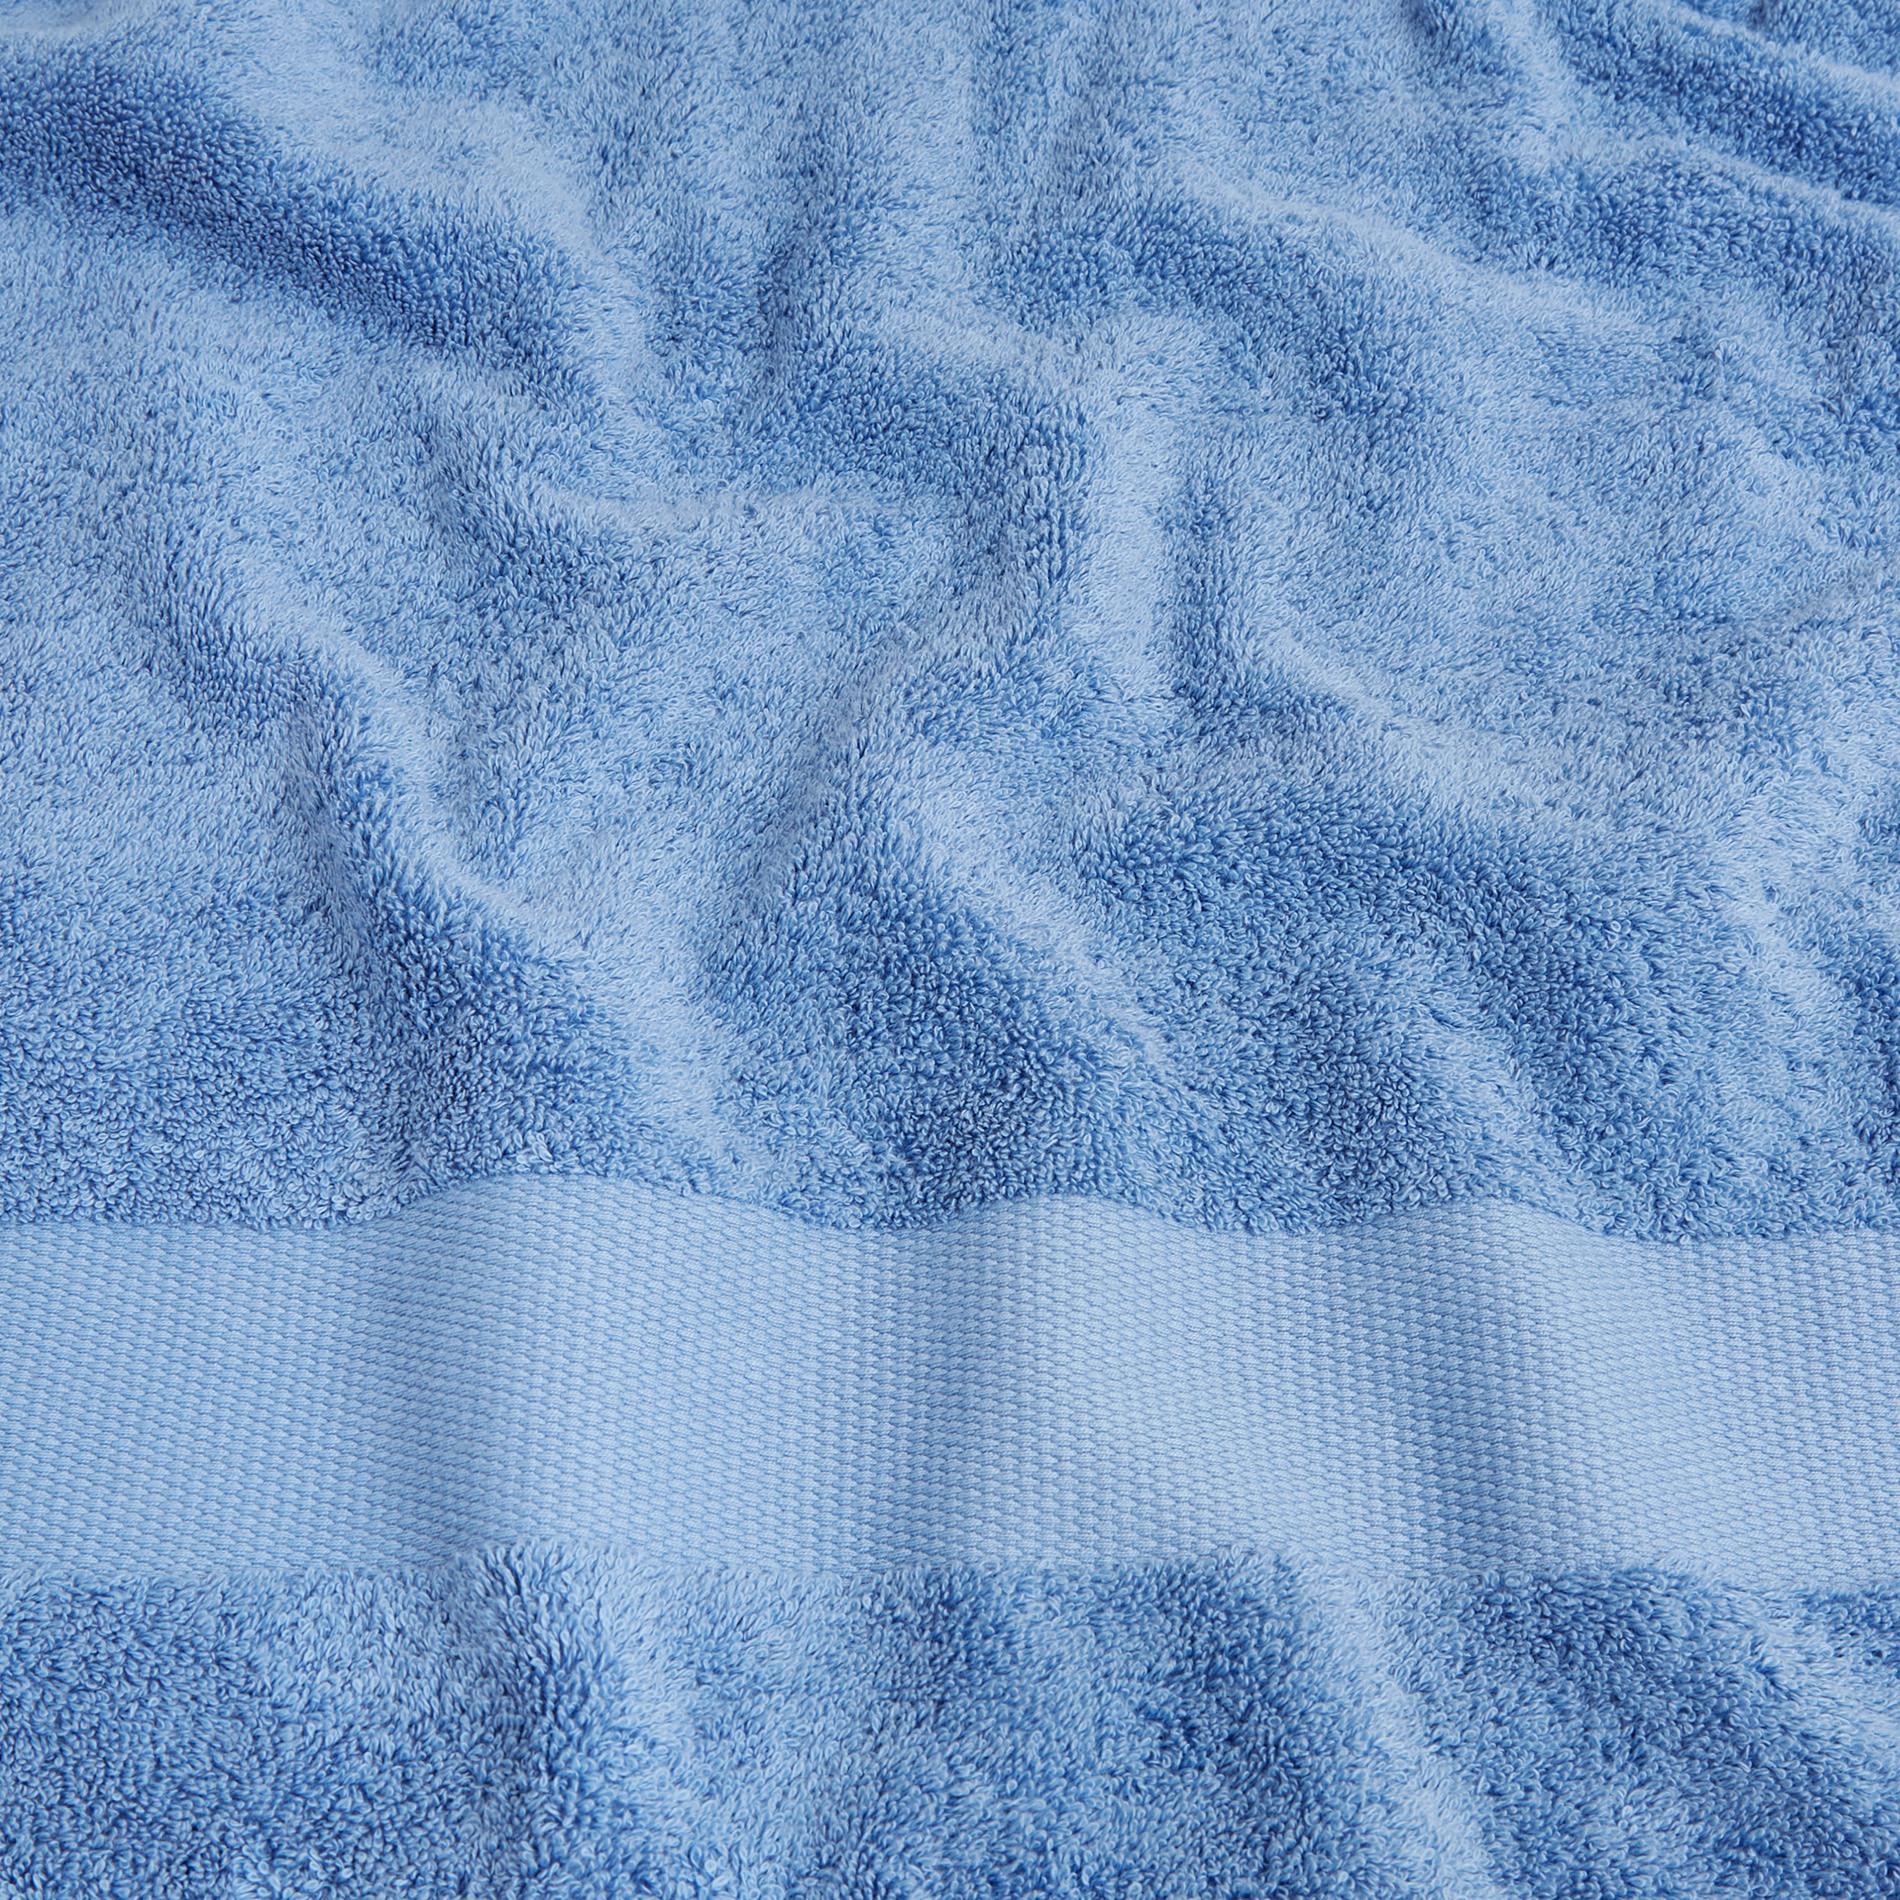 Asciugamano spugna di puro cotone Zefiro, Blu, large image number 3